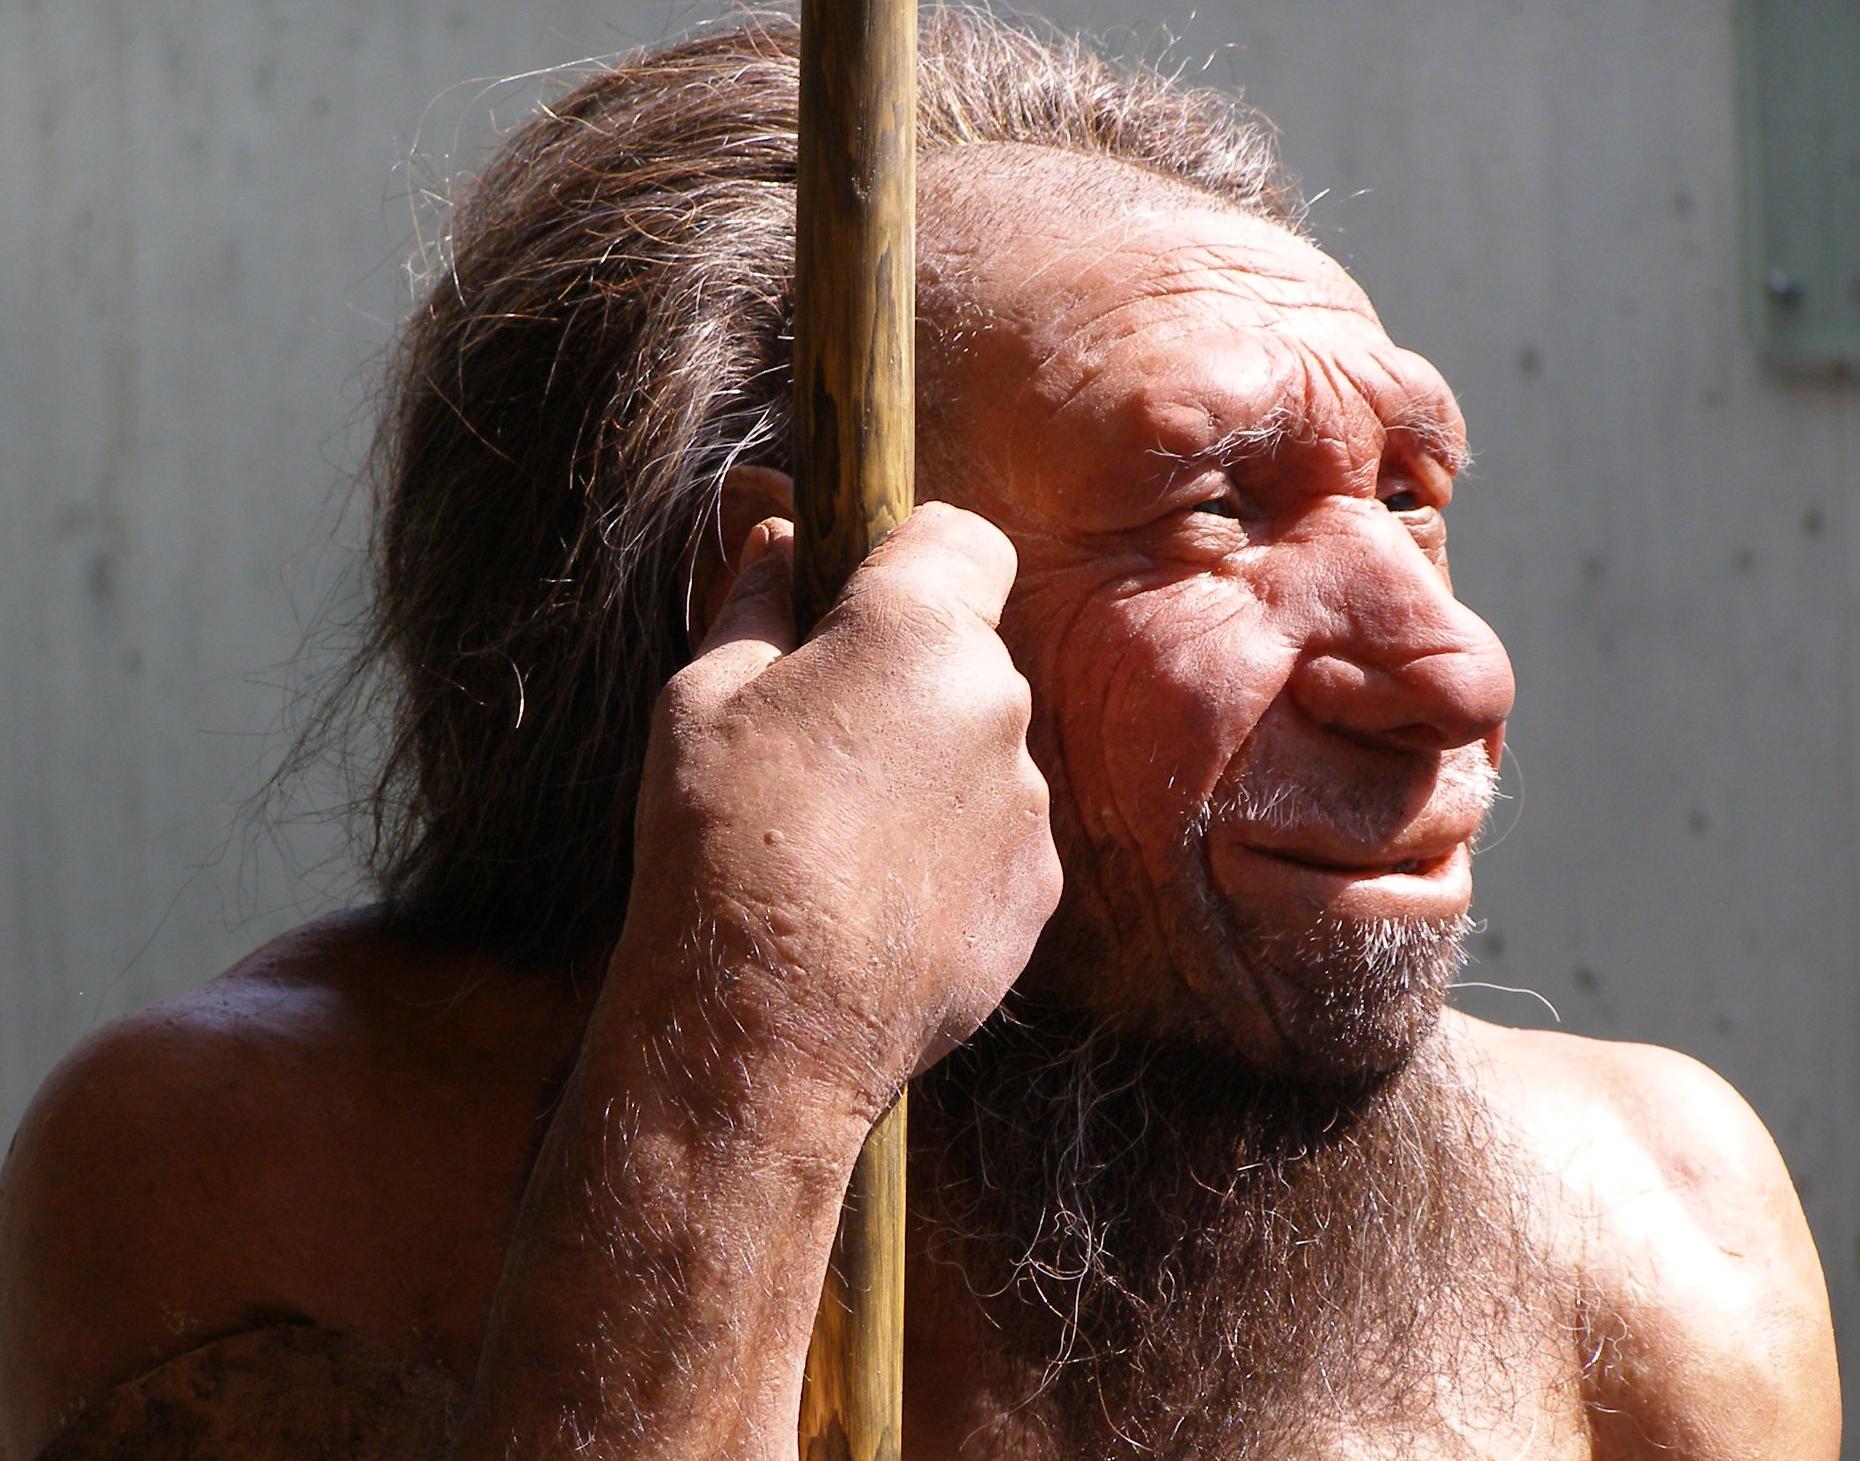 Свердловские ученые обнаружили вБашкирии кости животных возрастом неменее 40 тыс. лет